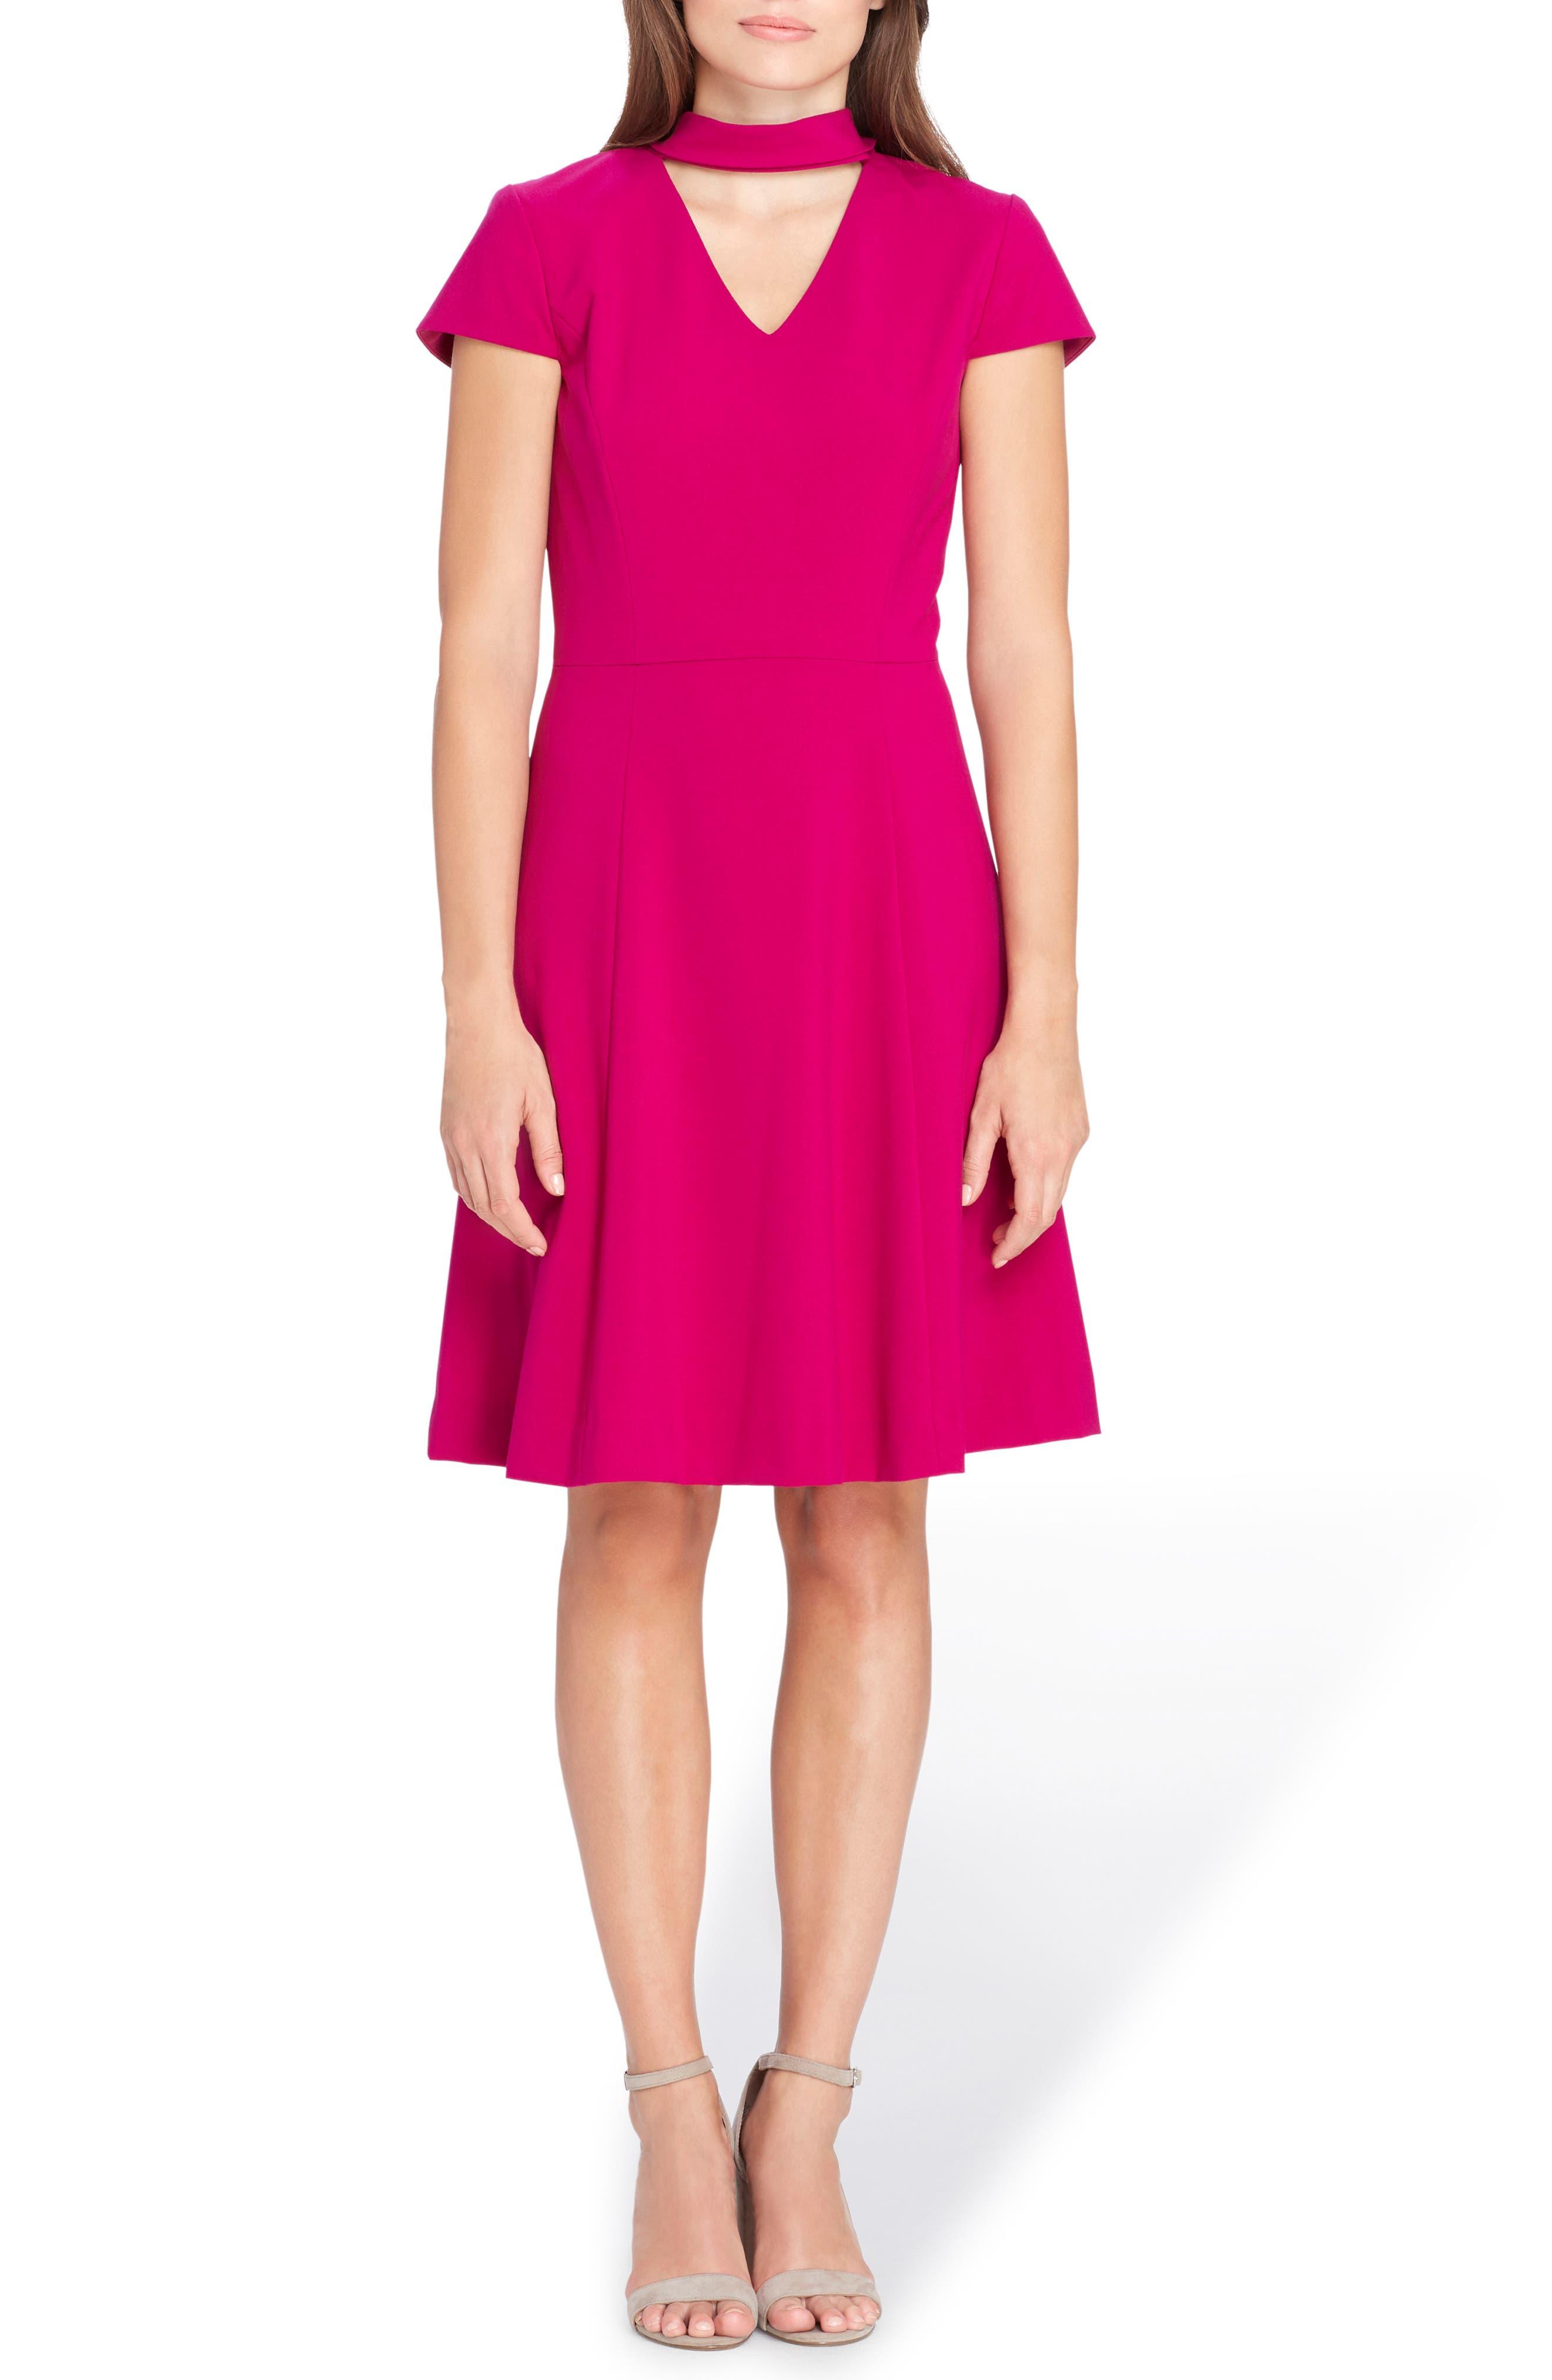 Alternate Image 1 Selected - Tahari Choker Fit & Flare Dress (Regular & Petite)